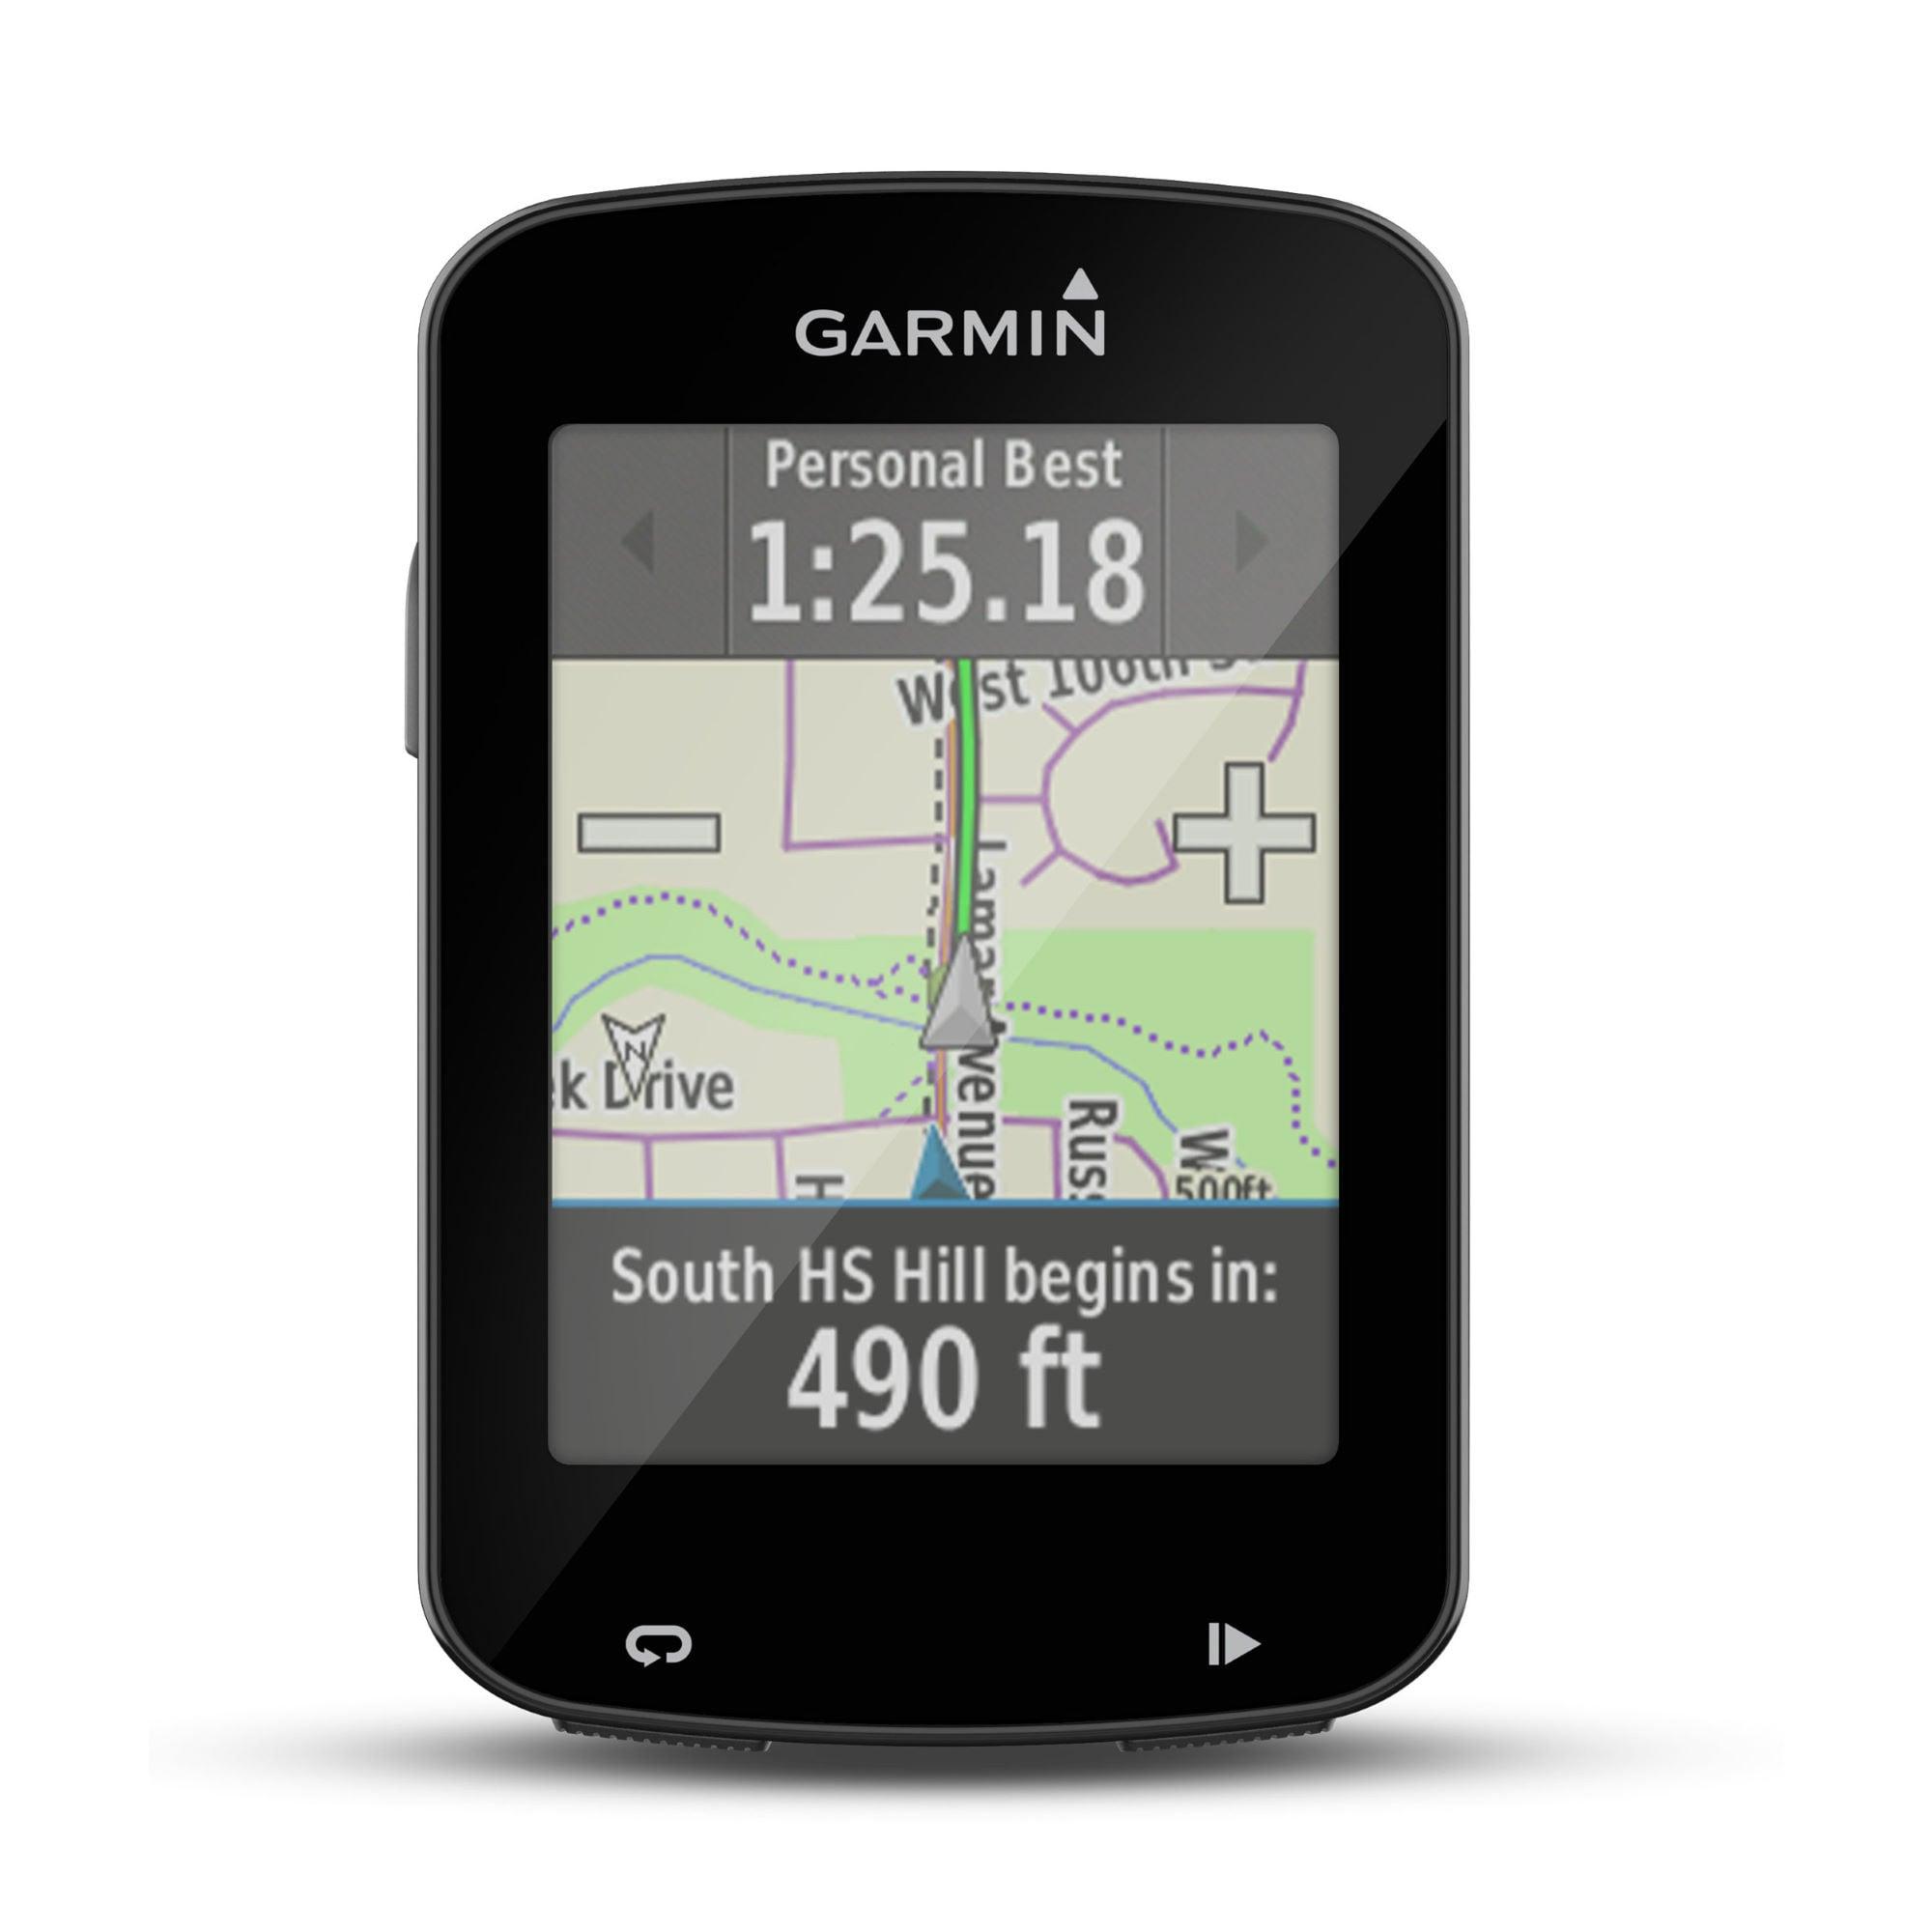 מחשב רכיבה Garmin Edge 820